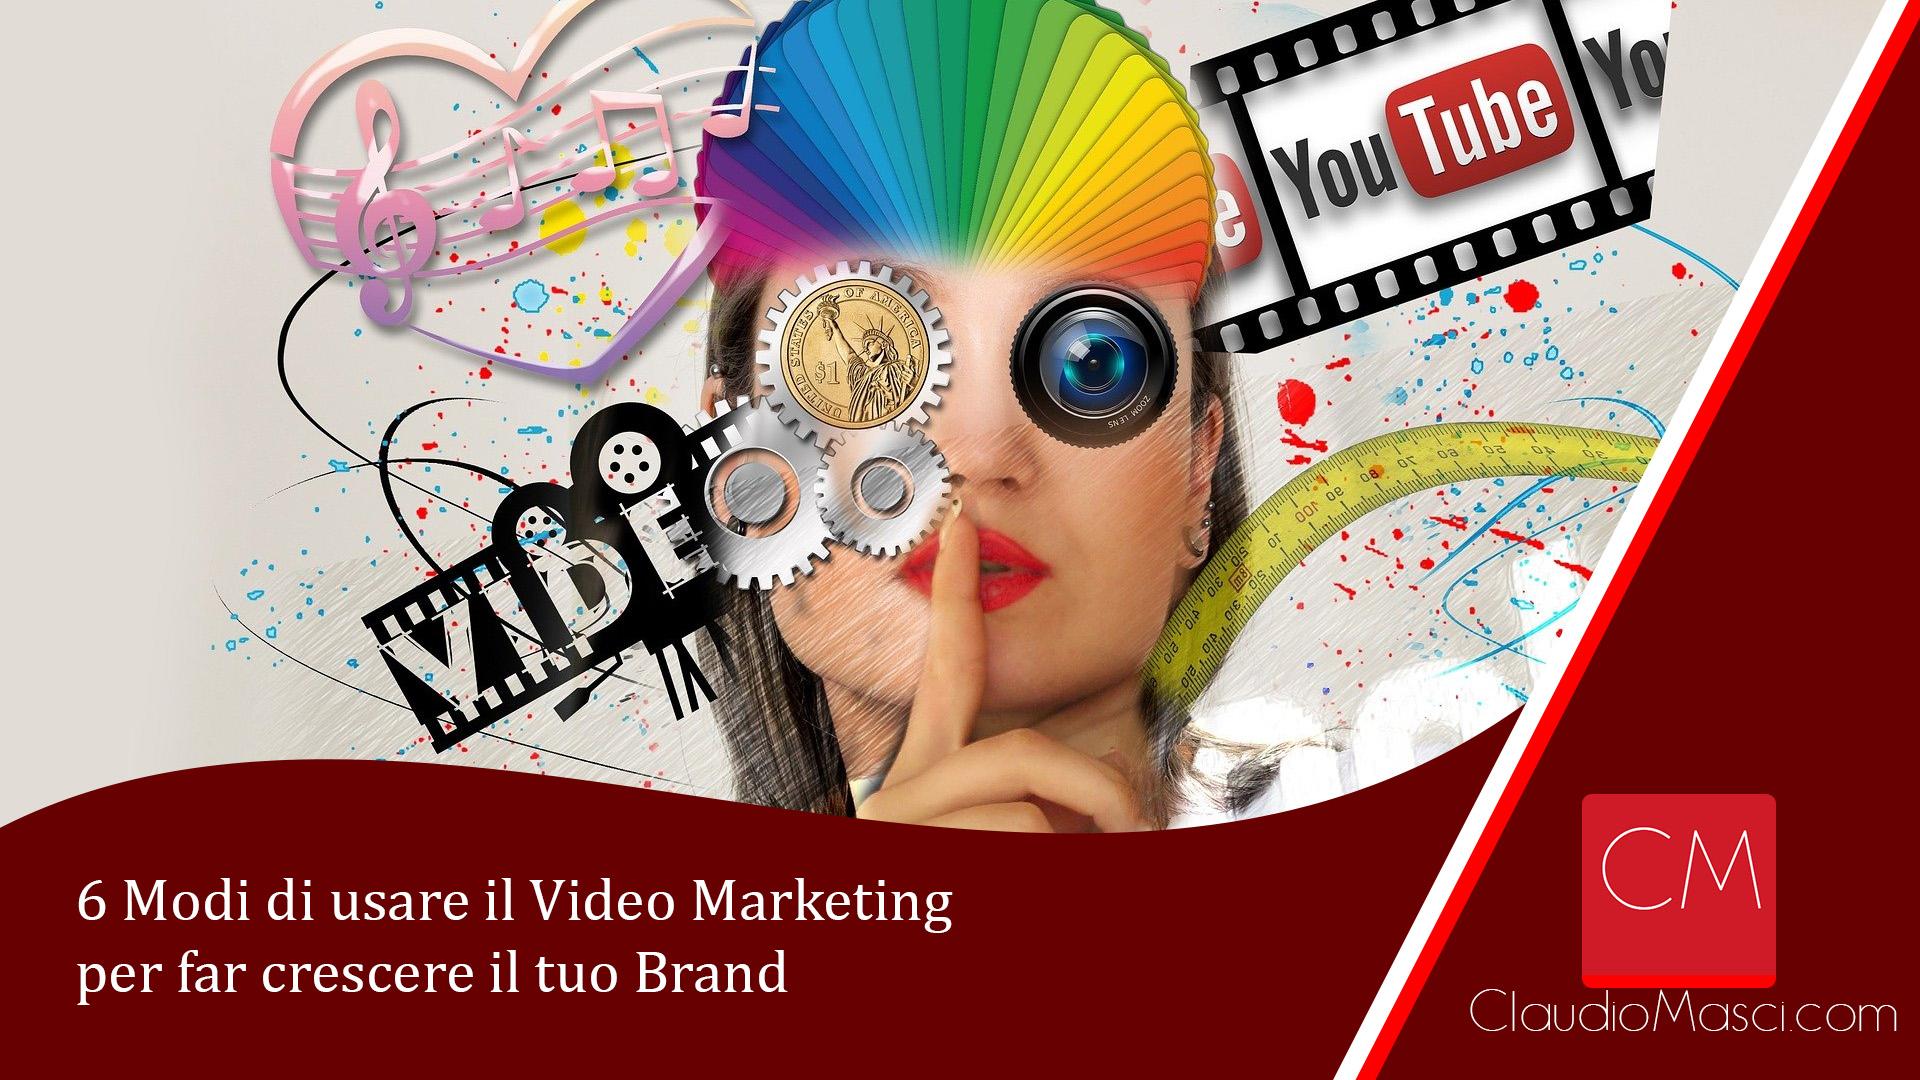 6 Modi di usare il Video Marketing per far crescere il tuo Brand